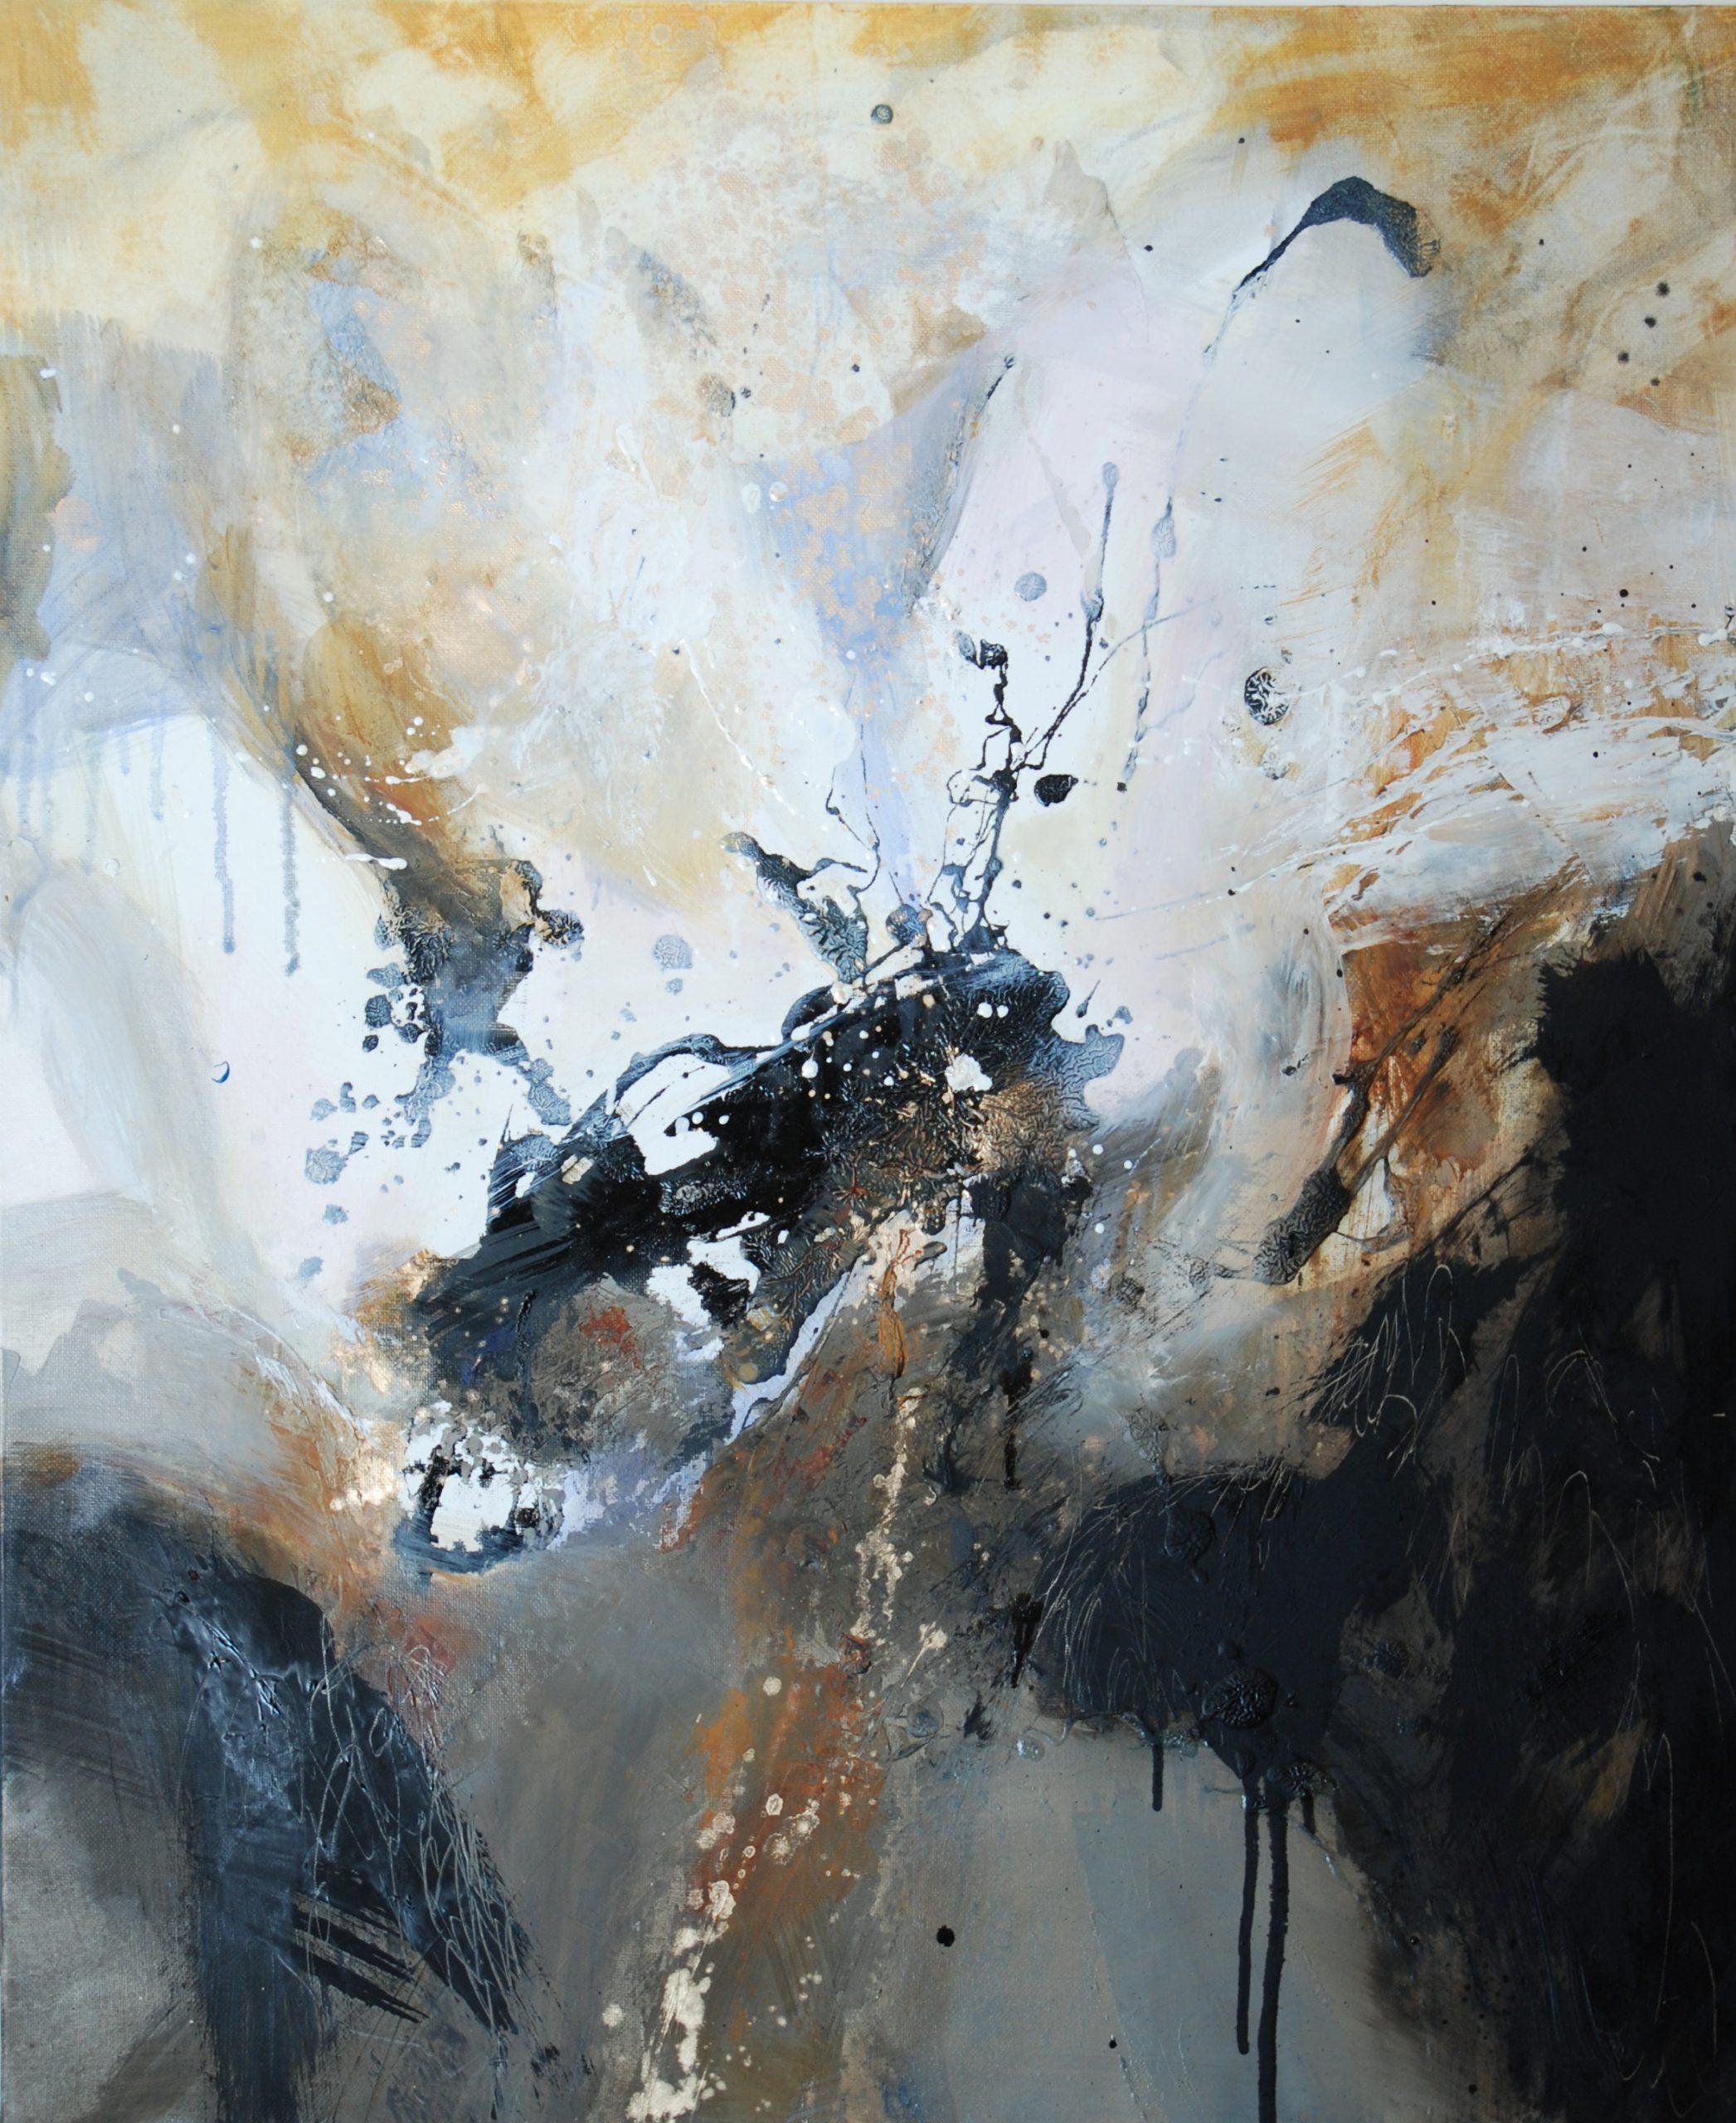 sans titre huile sur toile 92 x 73 cm collection particulière